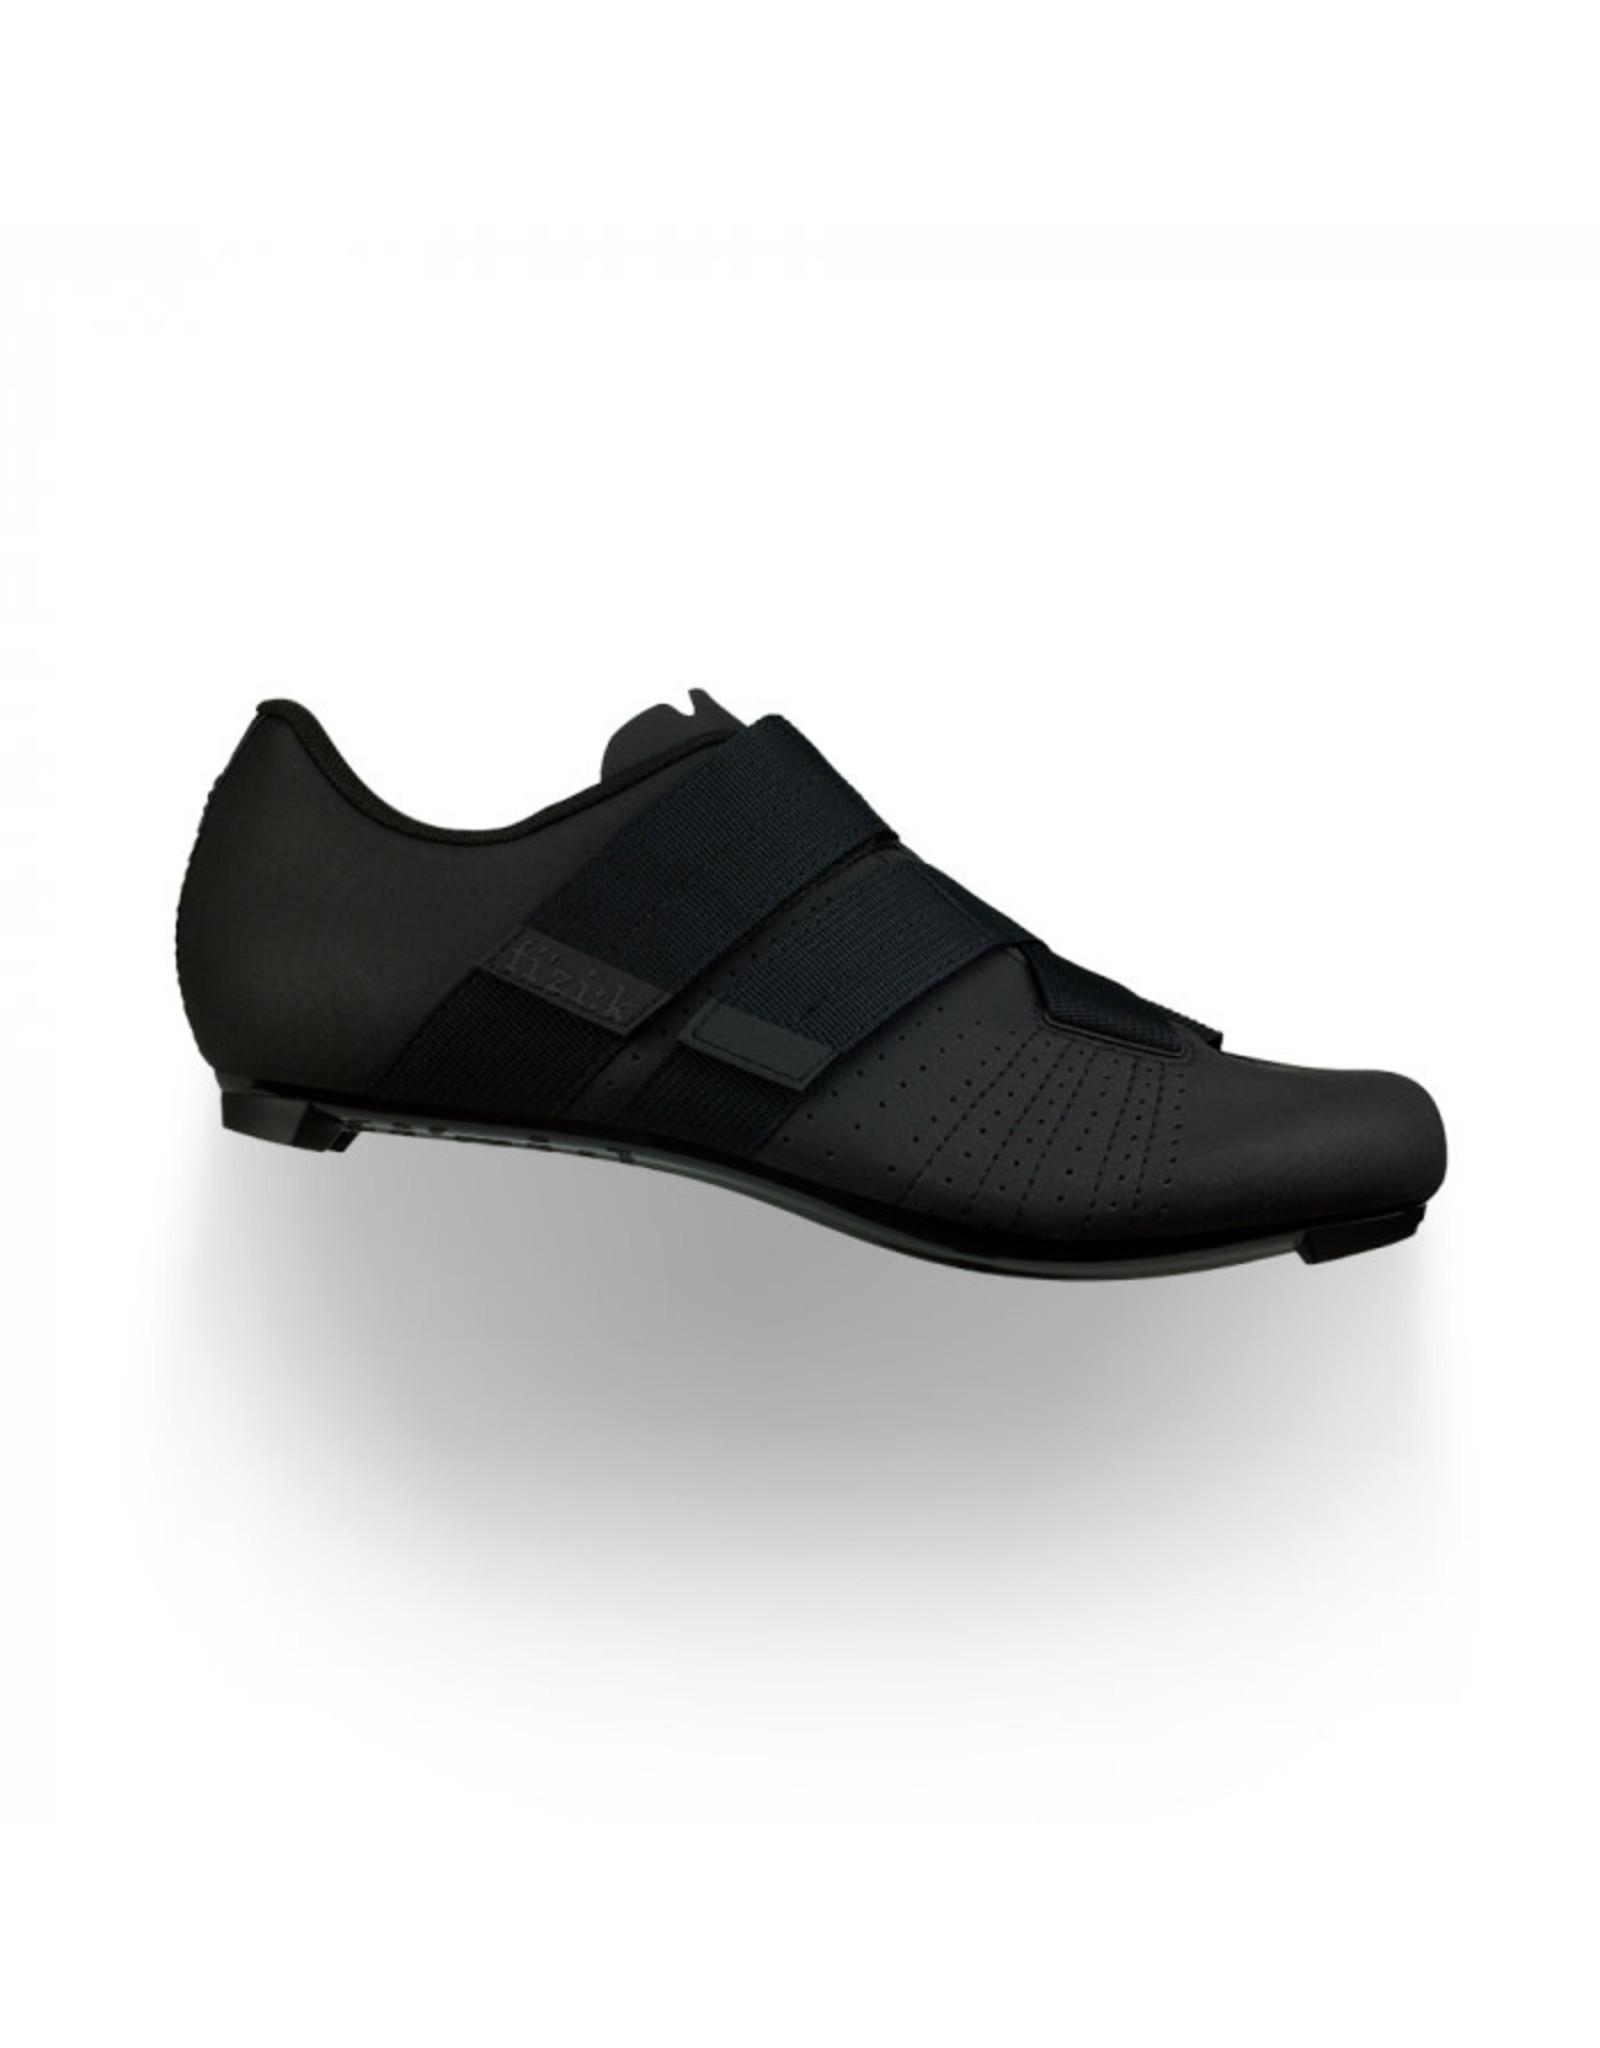 Fizik Chaussures vélo de route Fizik Tempo powerstrap R5